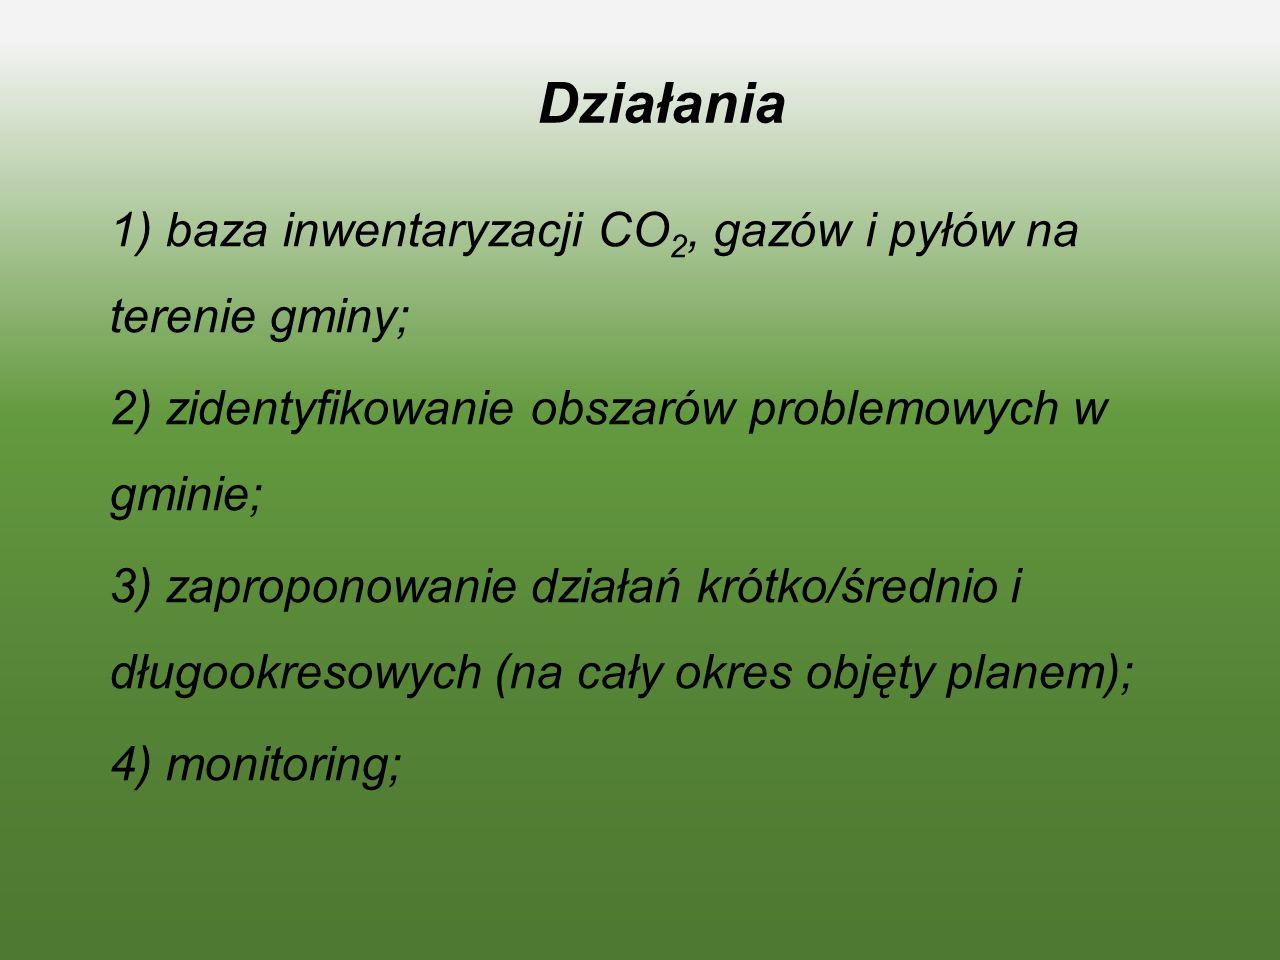 Działania 1) baza inwentaryzacji CO 2, gazów i pyłów na terenie gminy; 2) zidentyfikowanie obszarów problemowych w gminie; 3) zaproponowanie działań krótko/średnio i długookresowych (na cały okres objęty planem); 4) monitoring;